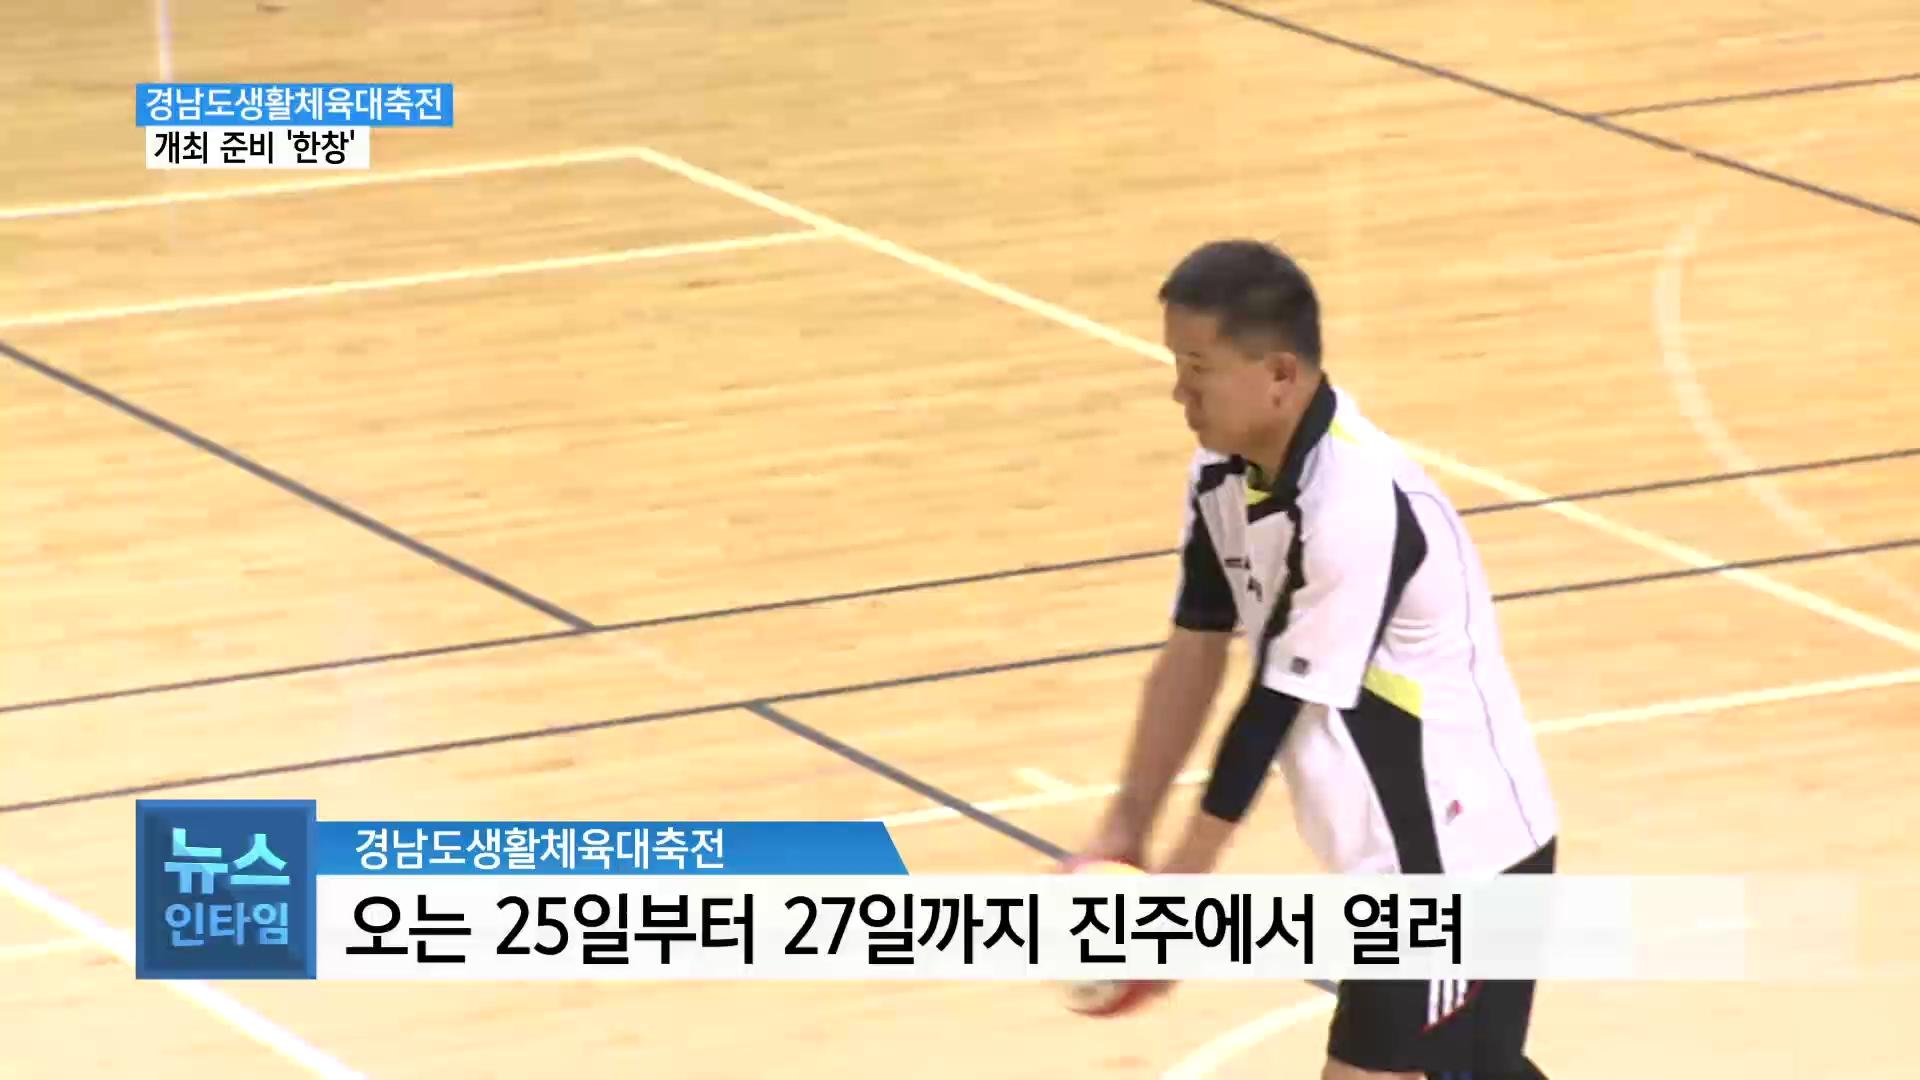 (기획R-2) 경남도생활체육대축전 개최 코앞 ..진주시 준비에 '박차' 사진